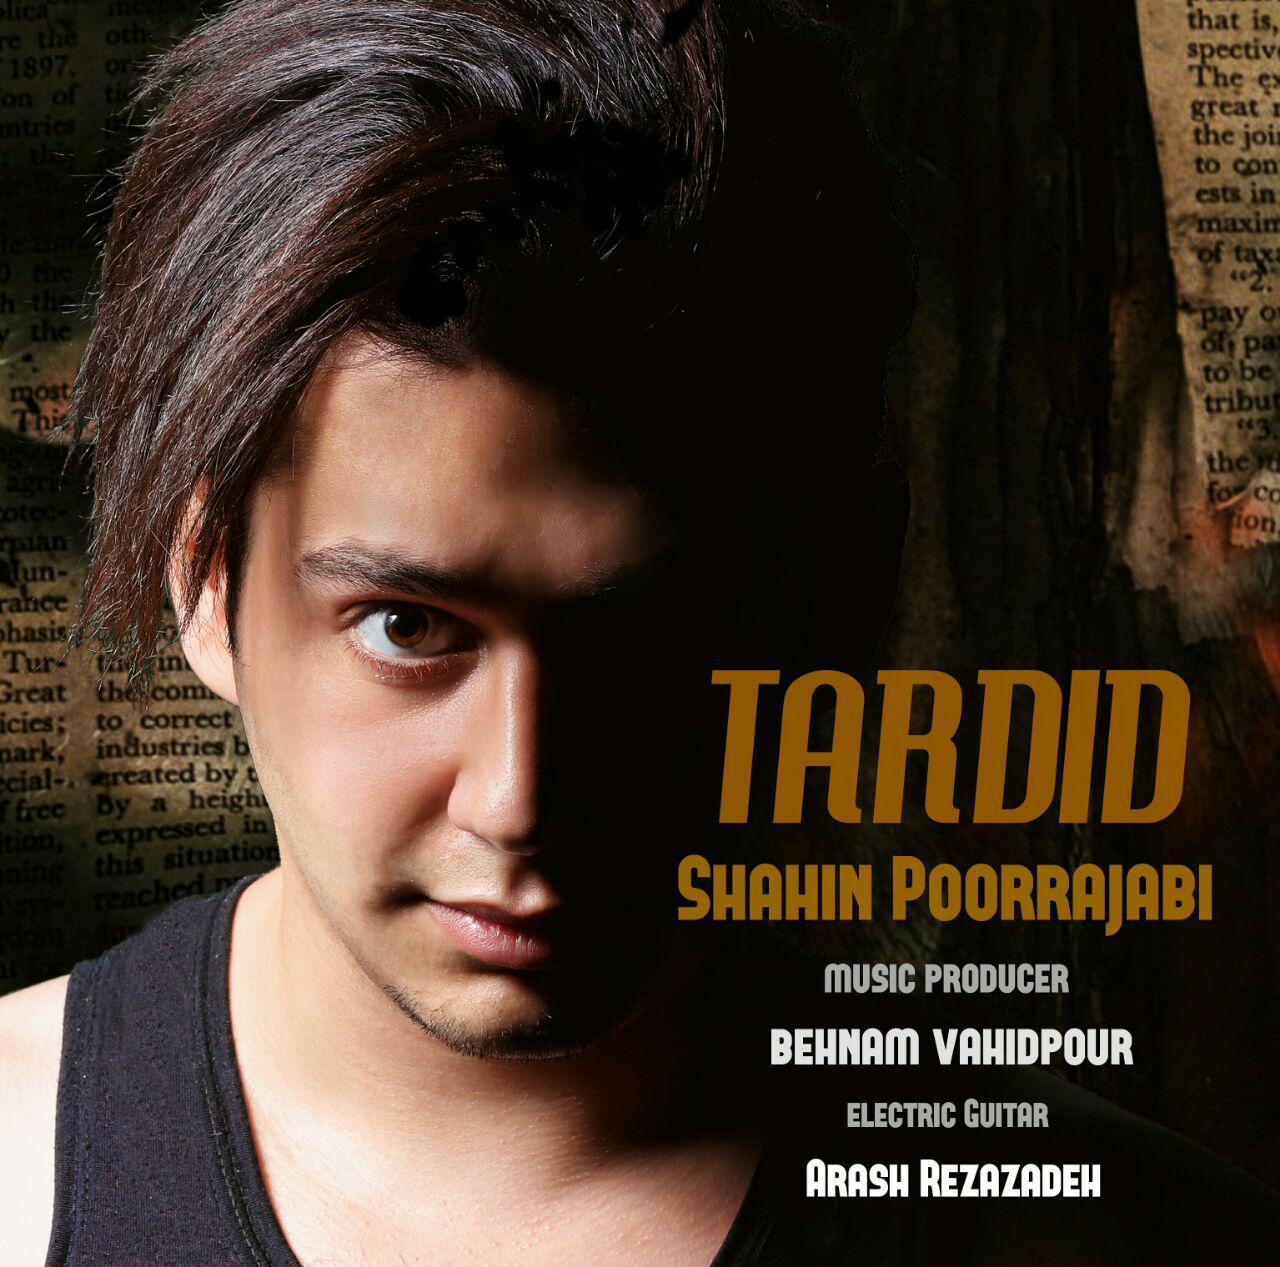 Shahin Poorrajabi – Tardid